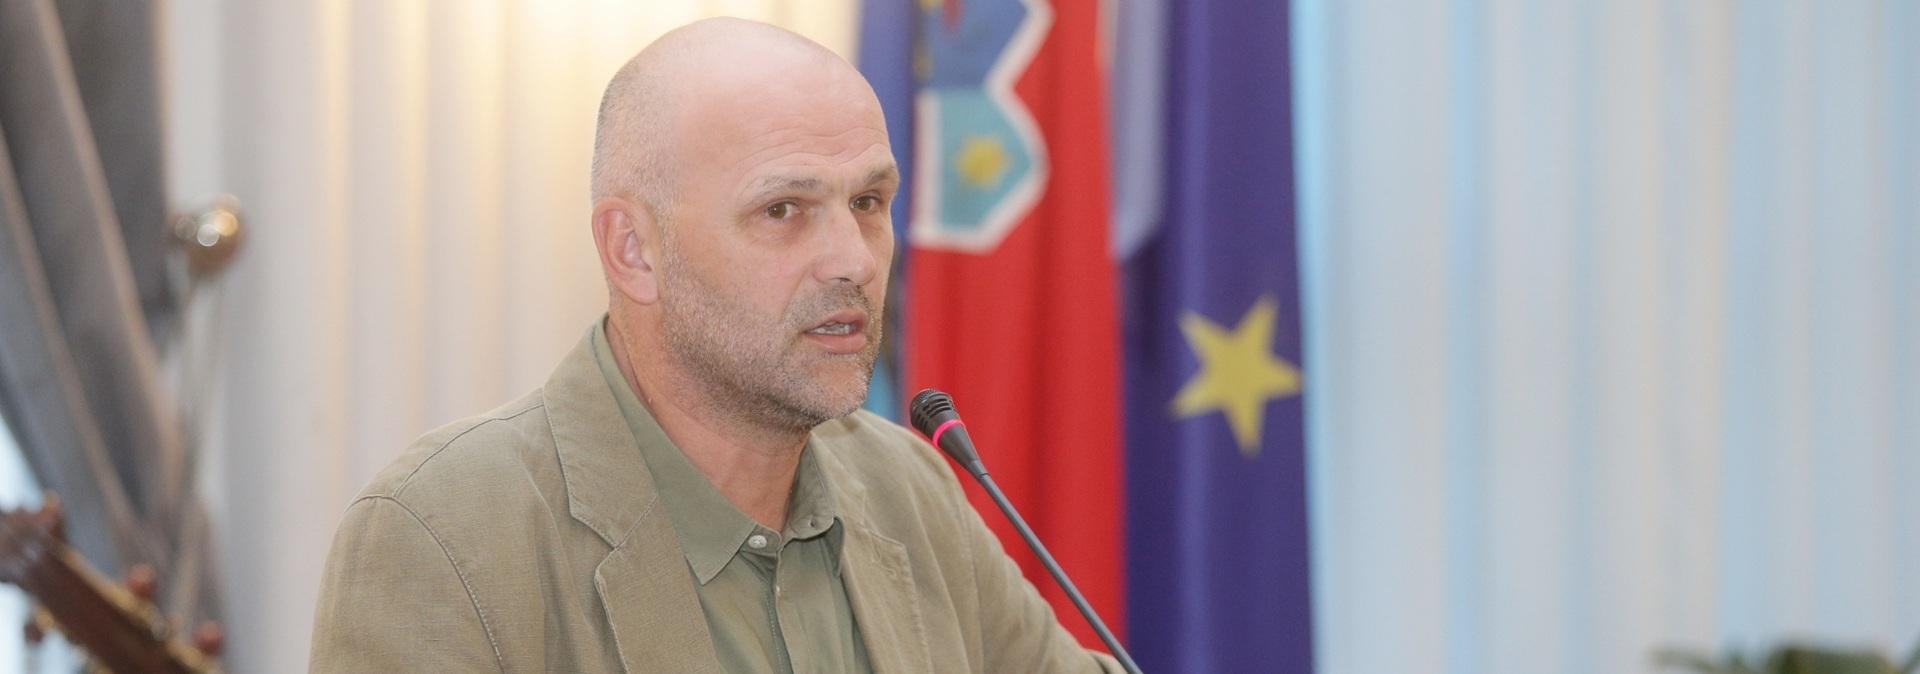 Europska federacija novinara: Tražimo odgovarajuću istragu o napadu na predsjednika HND-a